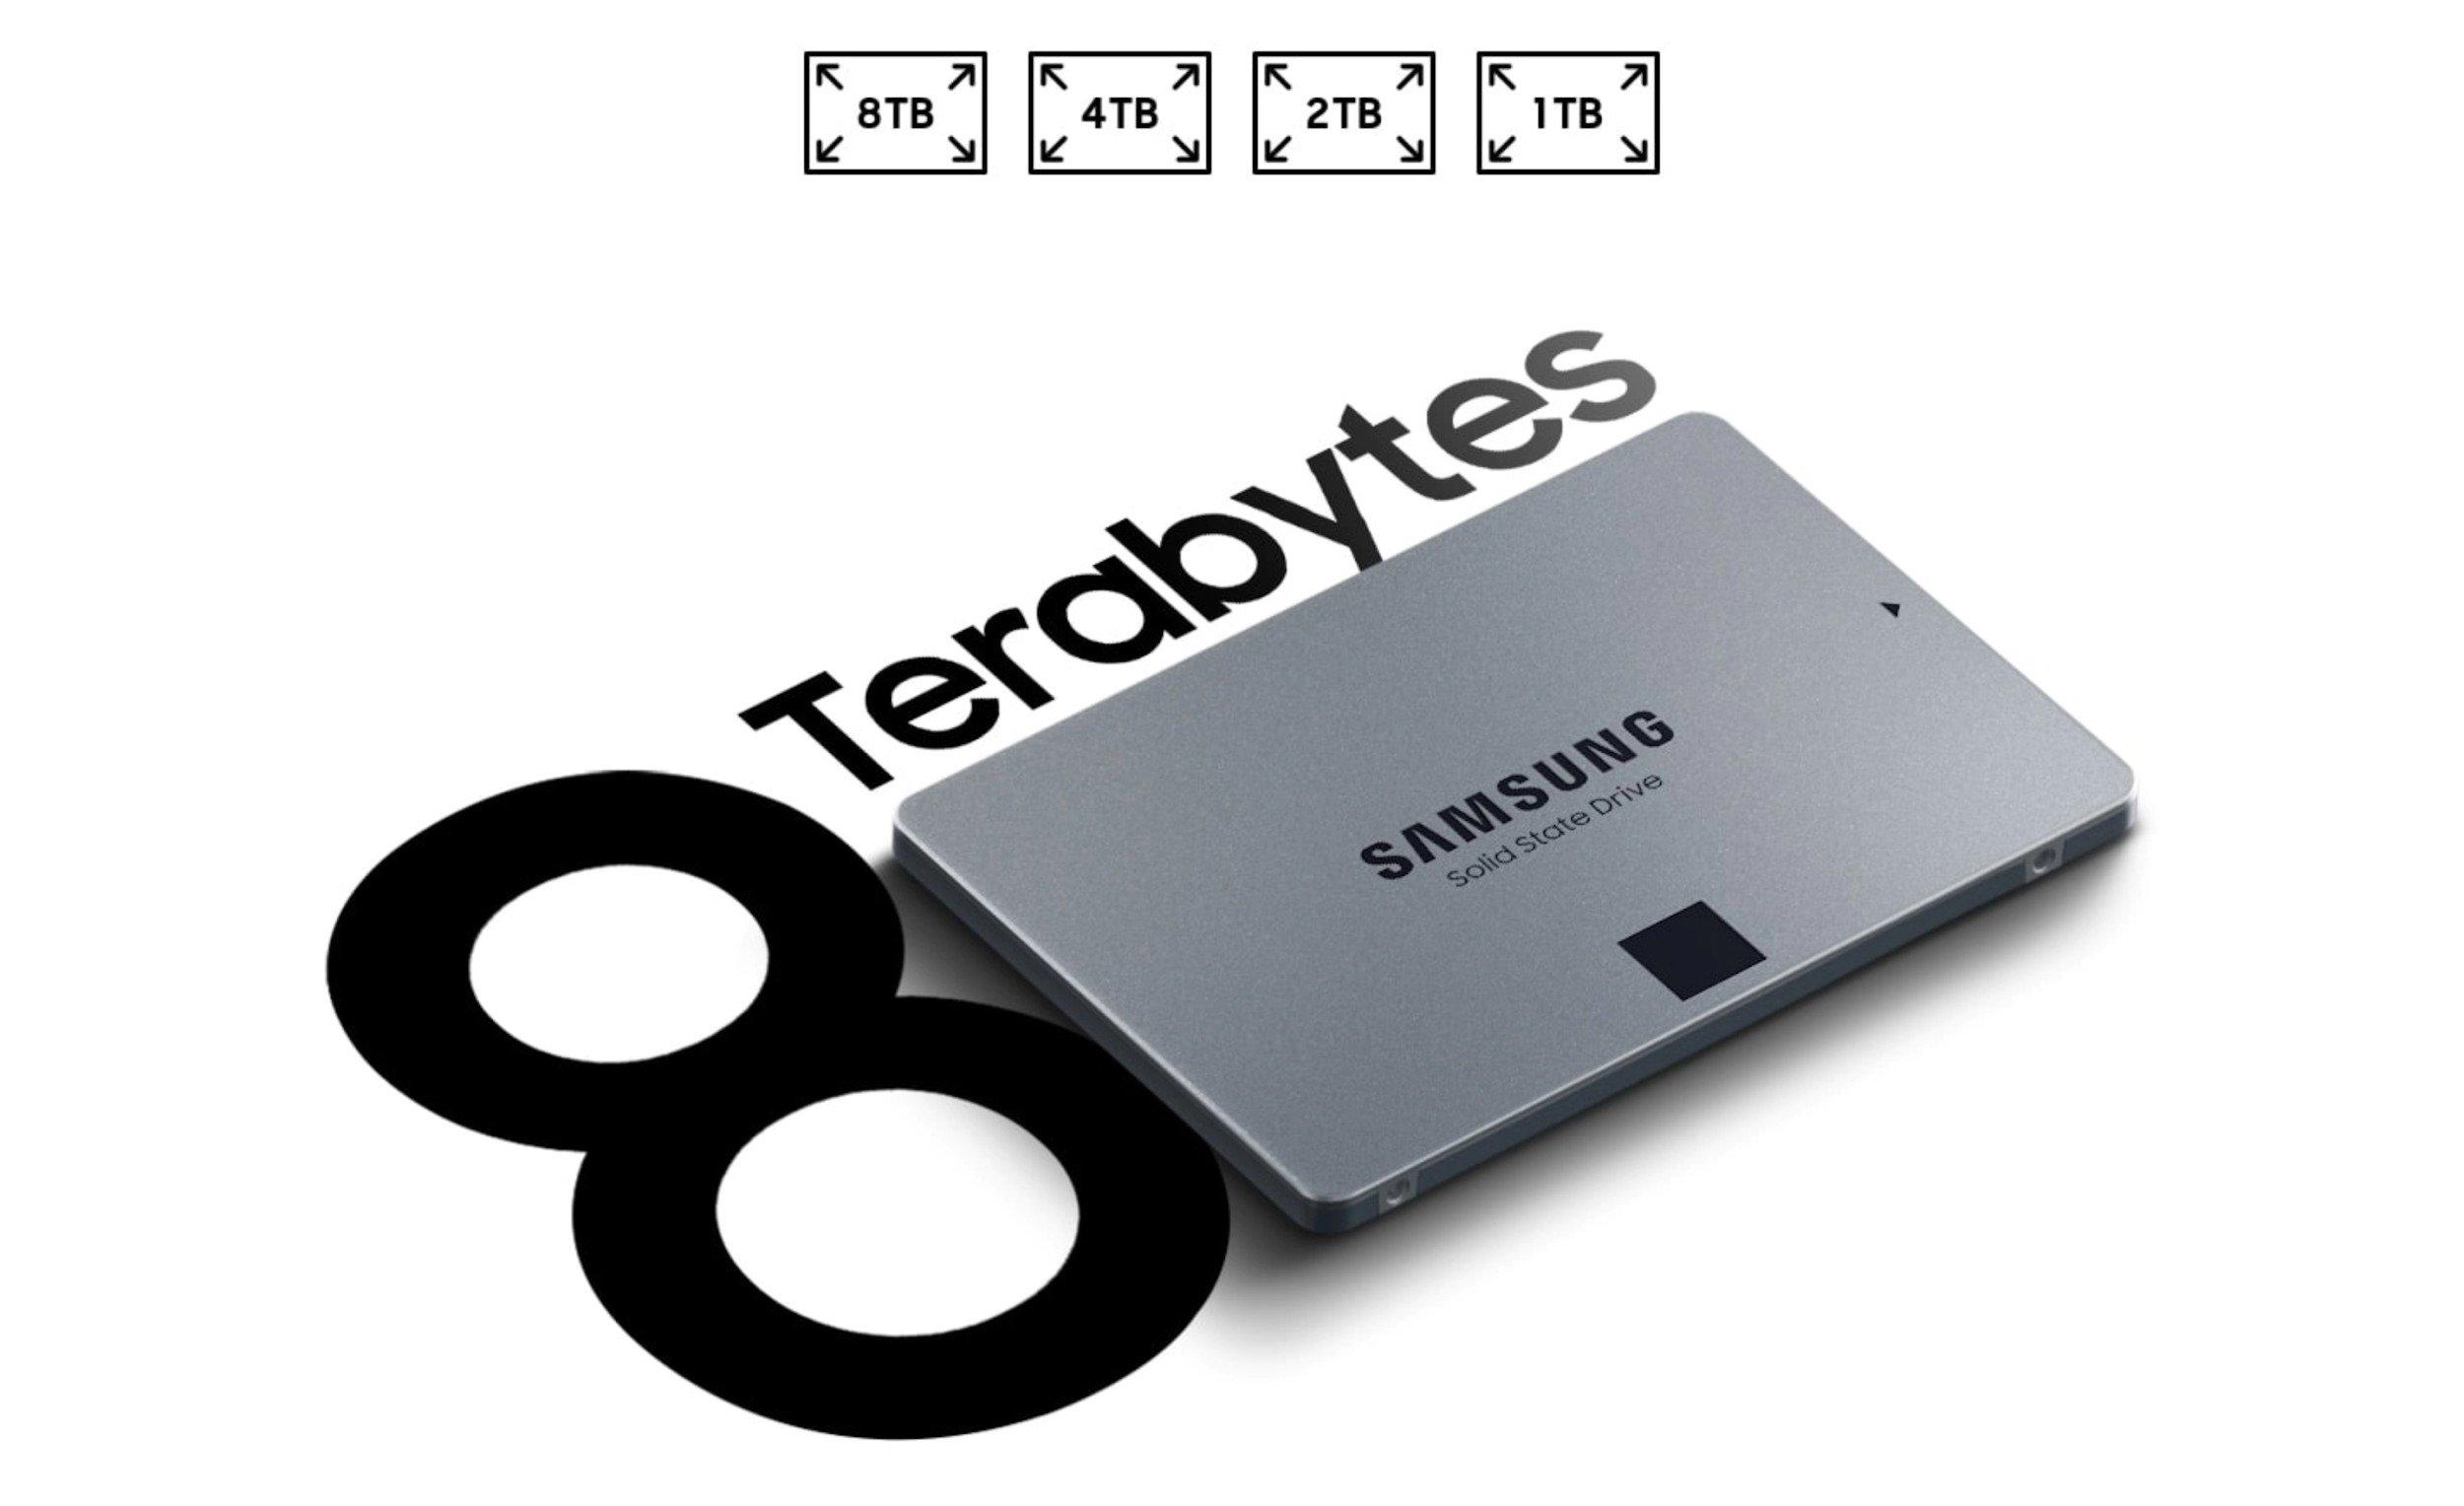 SSD Drive Size